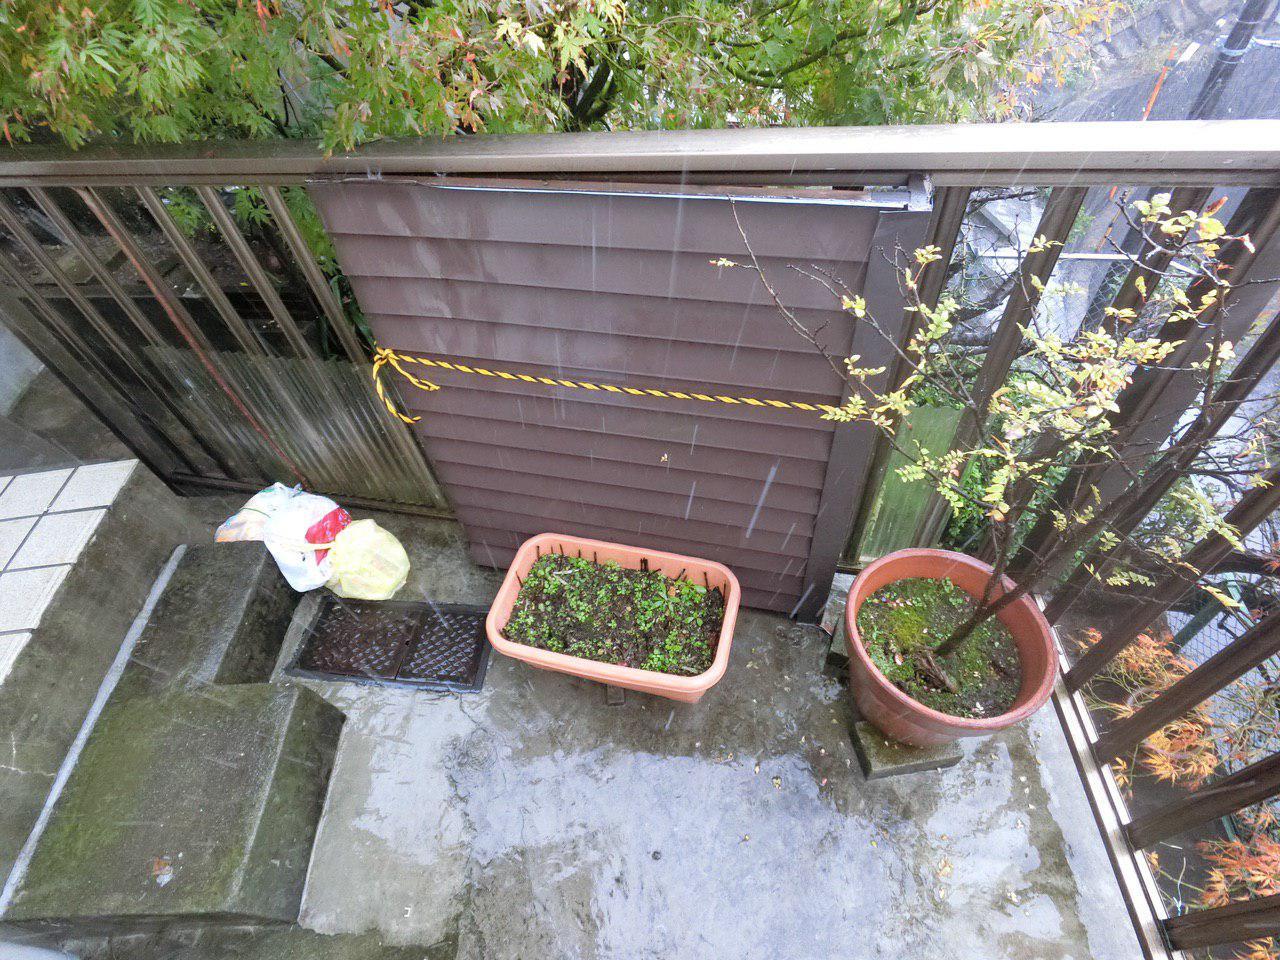 松戸市で戸袋と軒天井の損傷あり!ハートホームの損害調査!